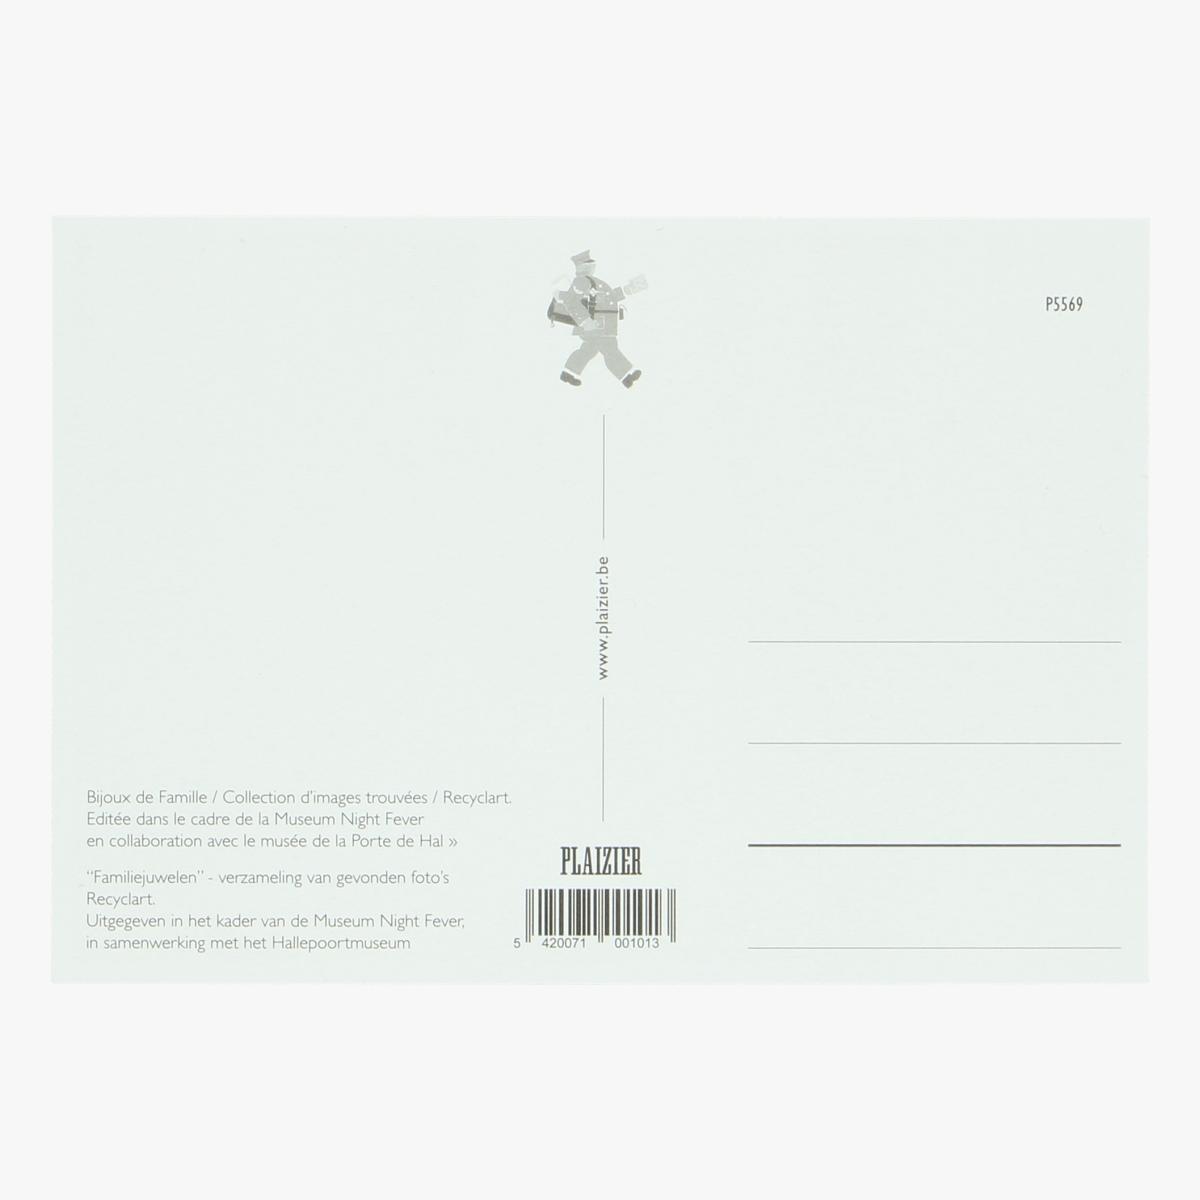 Afbeeldingen van postkaart familiejuwelen Verzameling van gevonden foto's Recyclart repro